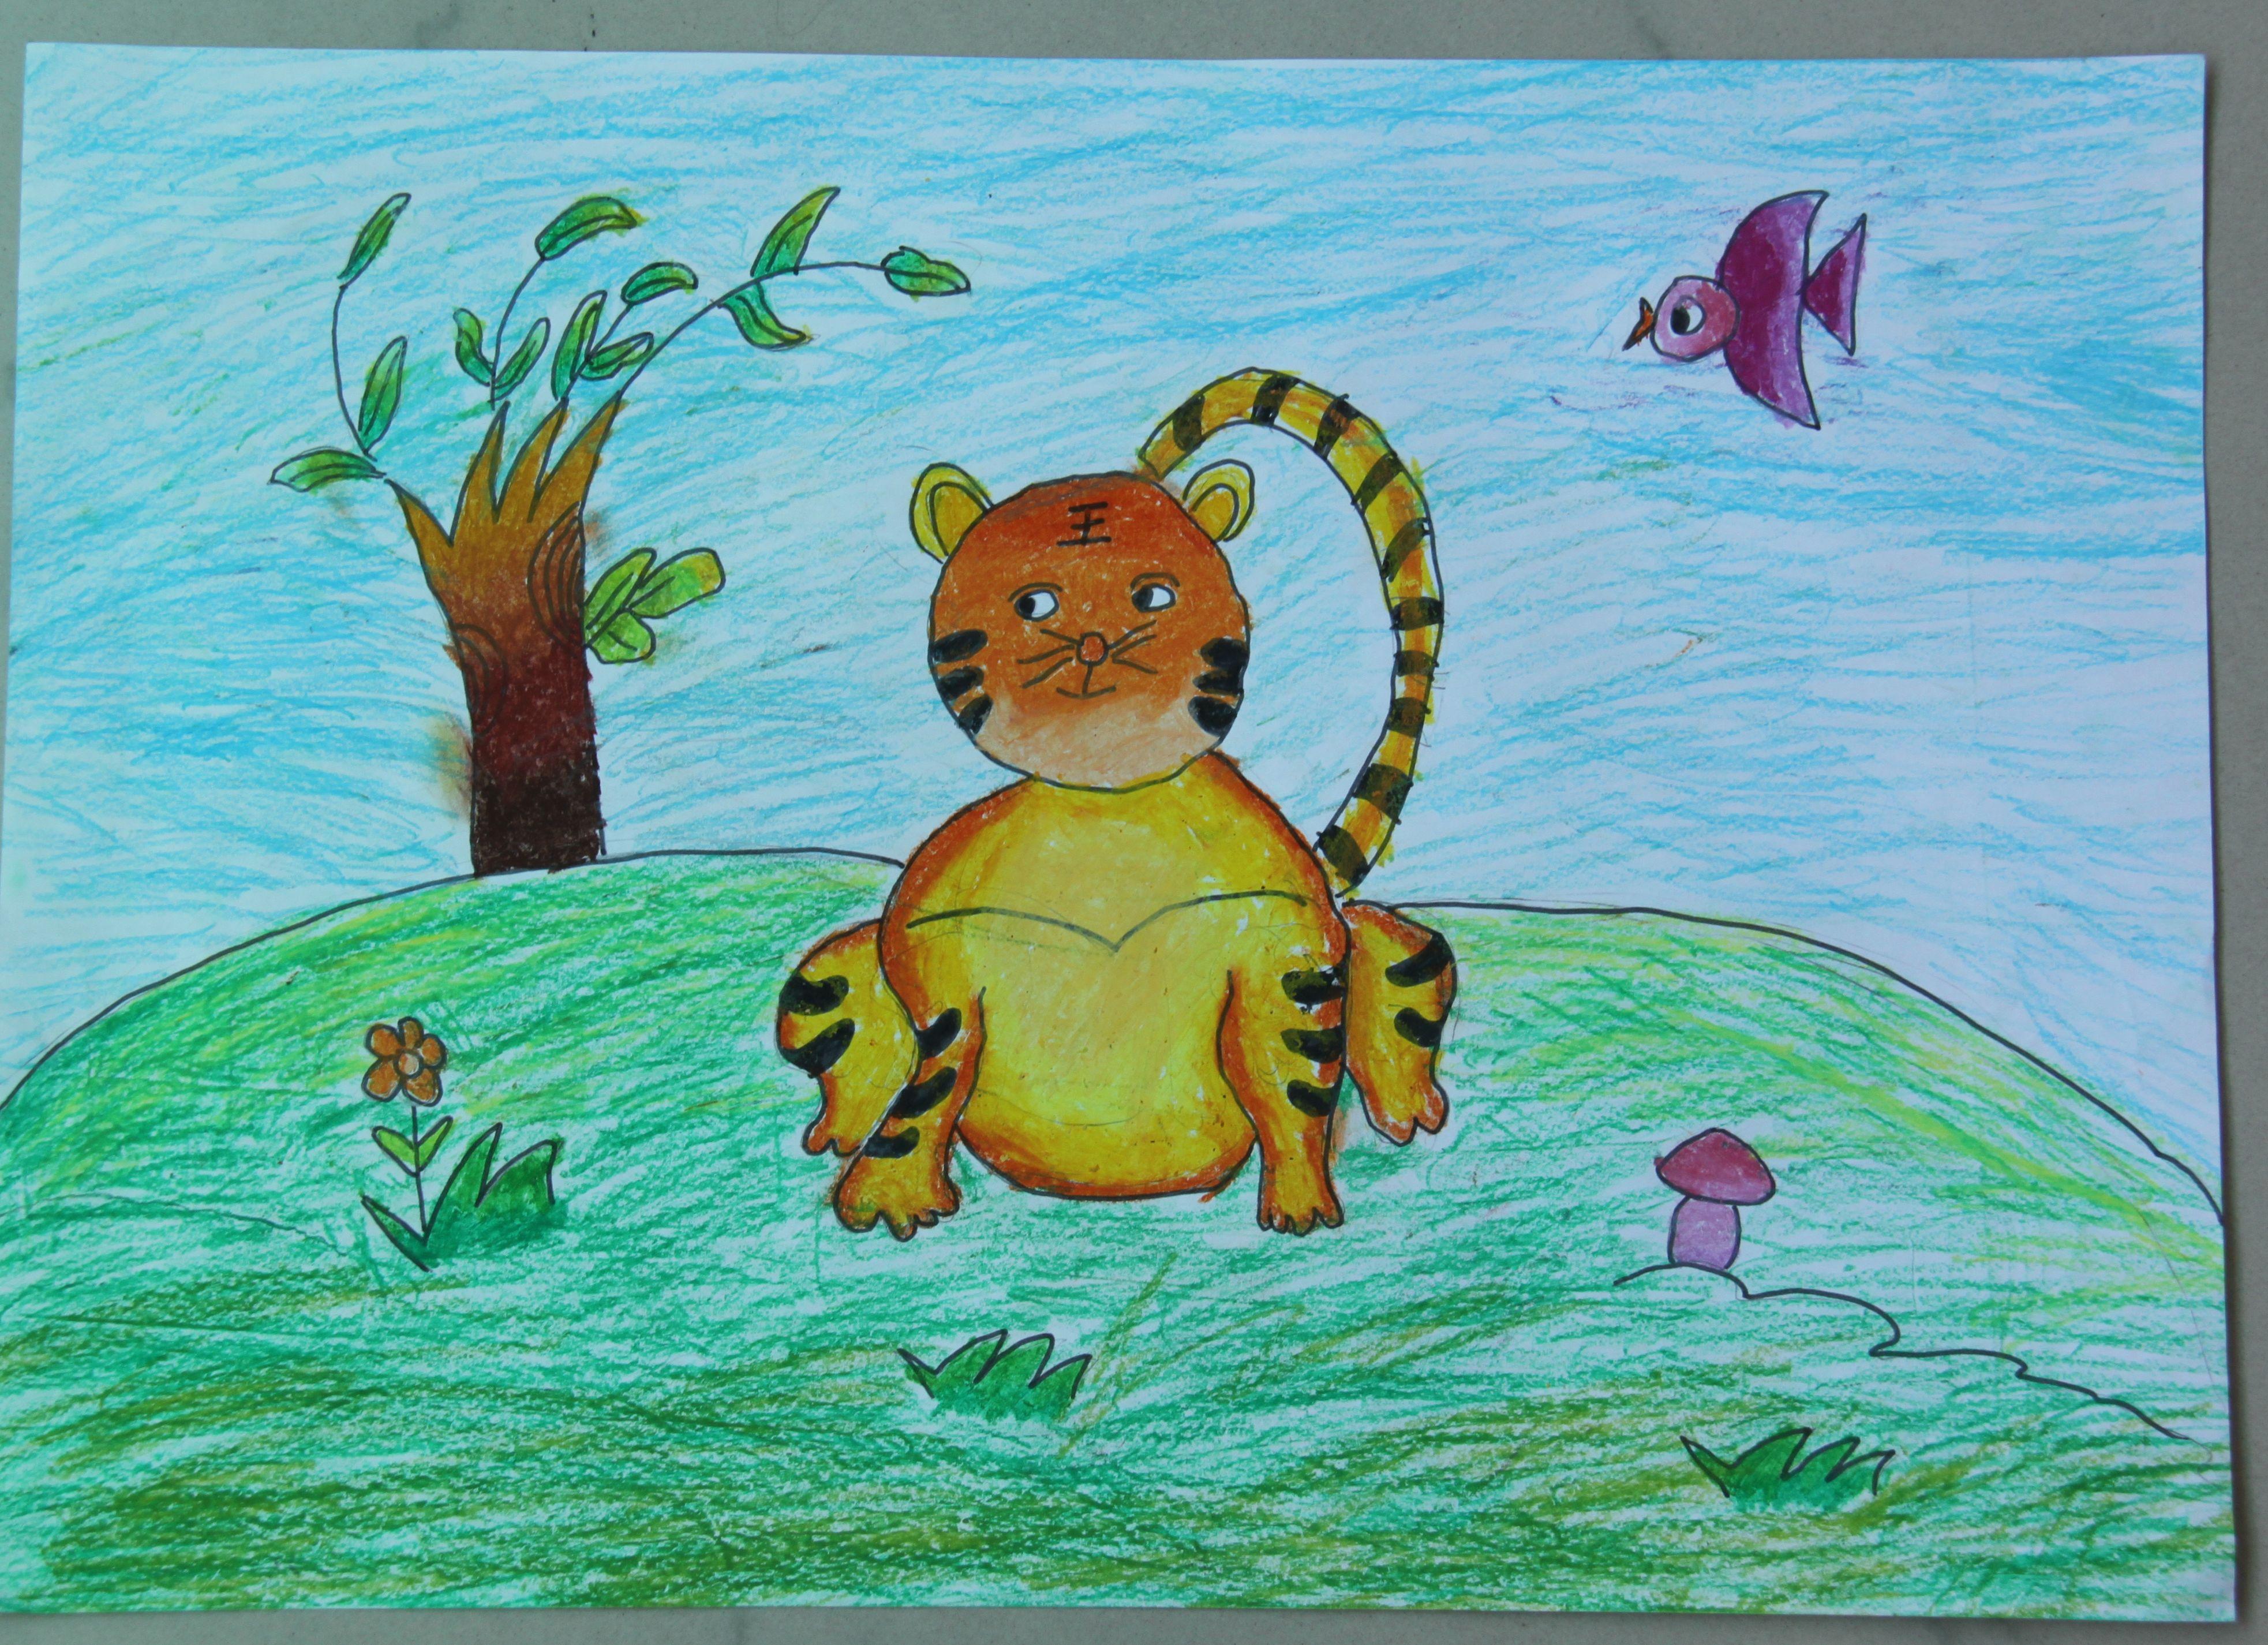 老虎-蜡笔画图集图片_儿童蜡笔画_少儿图库_中国儿童